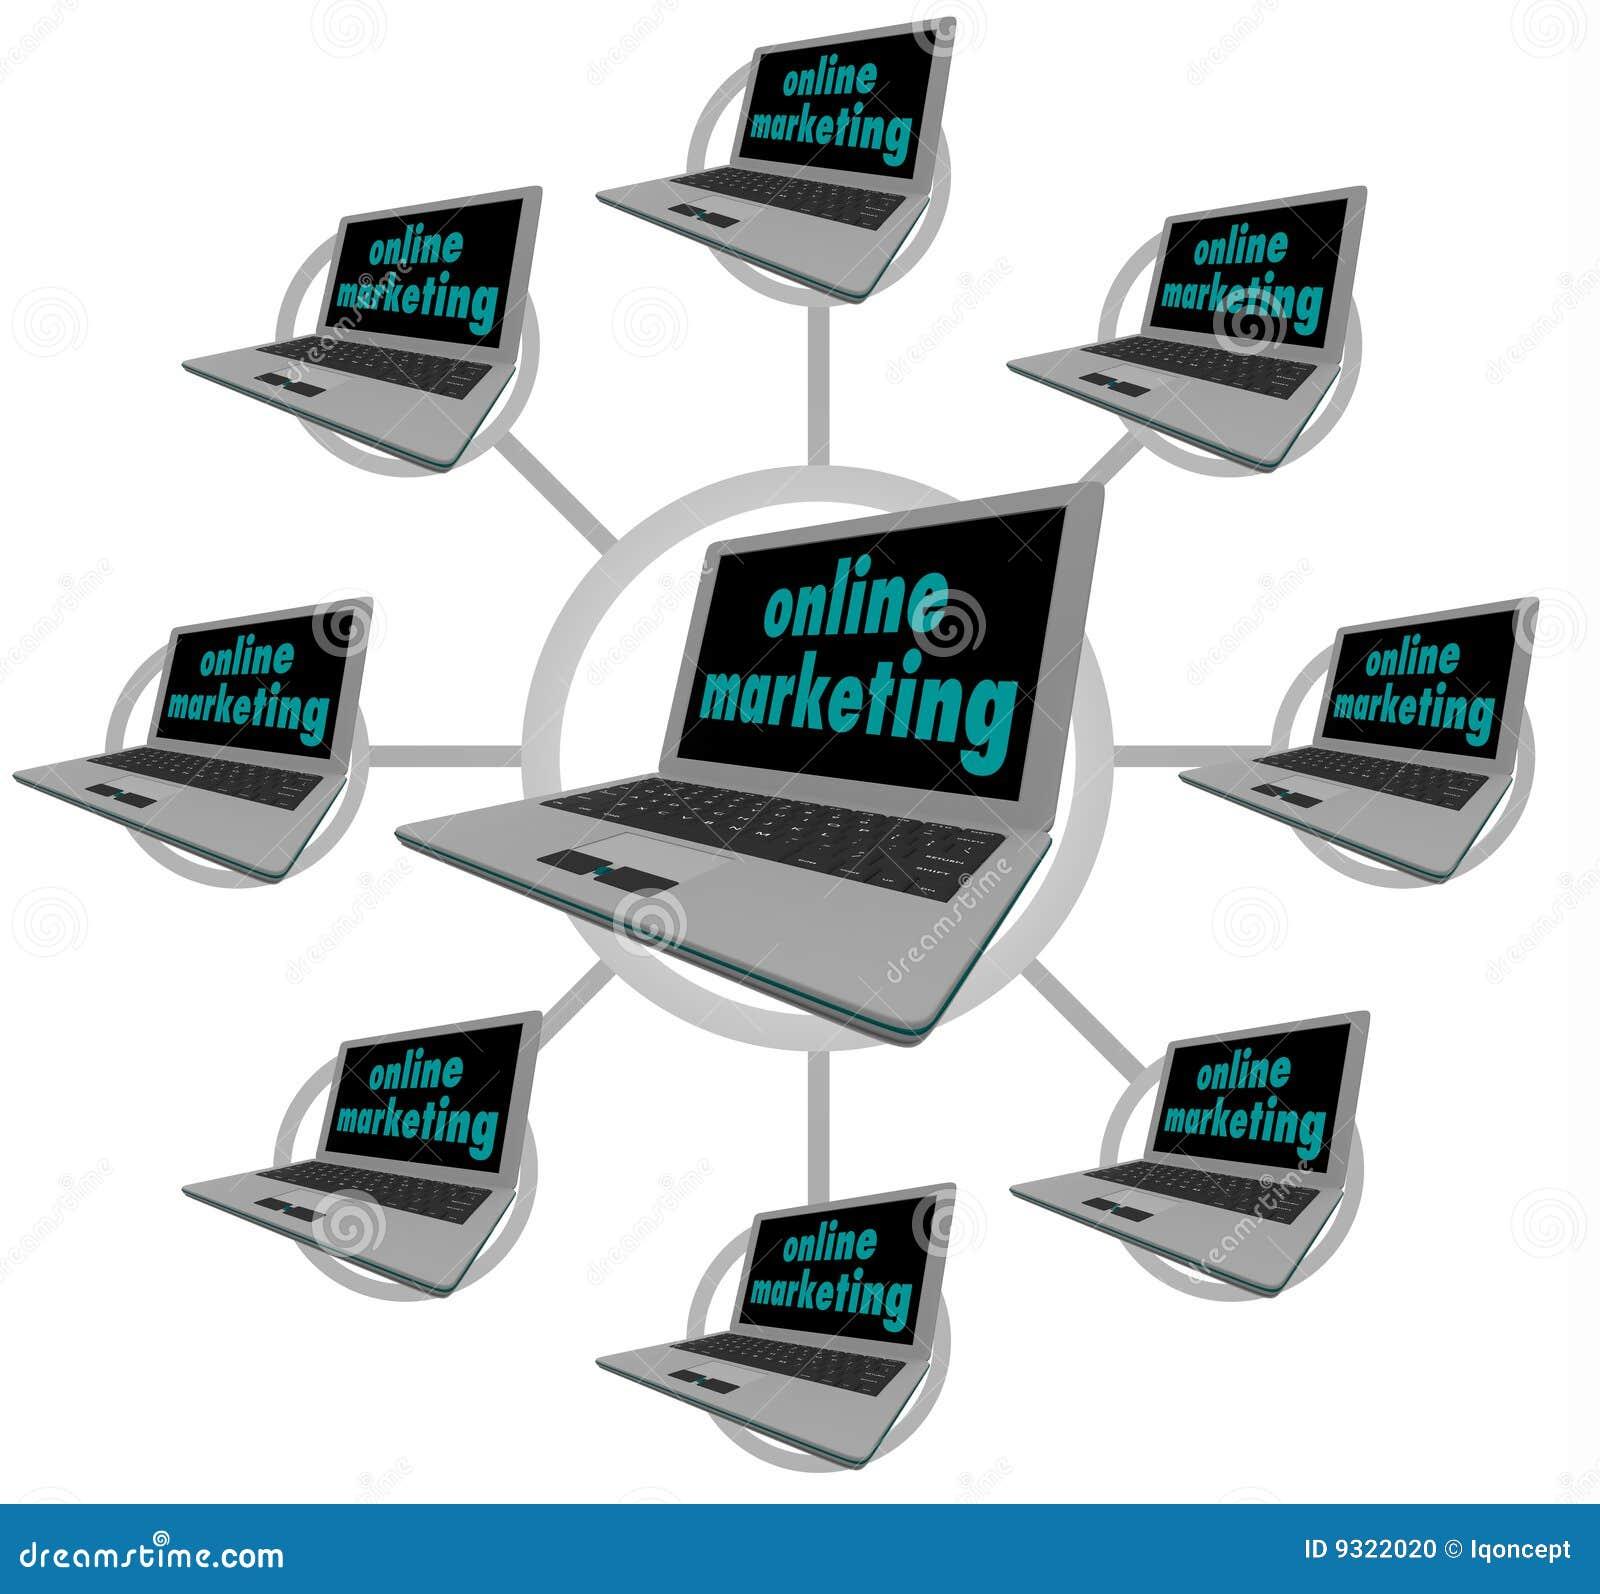 Online Op de markt brengend - Aangesloten Computers